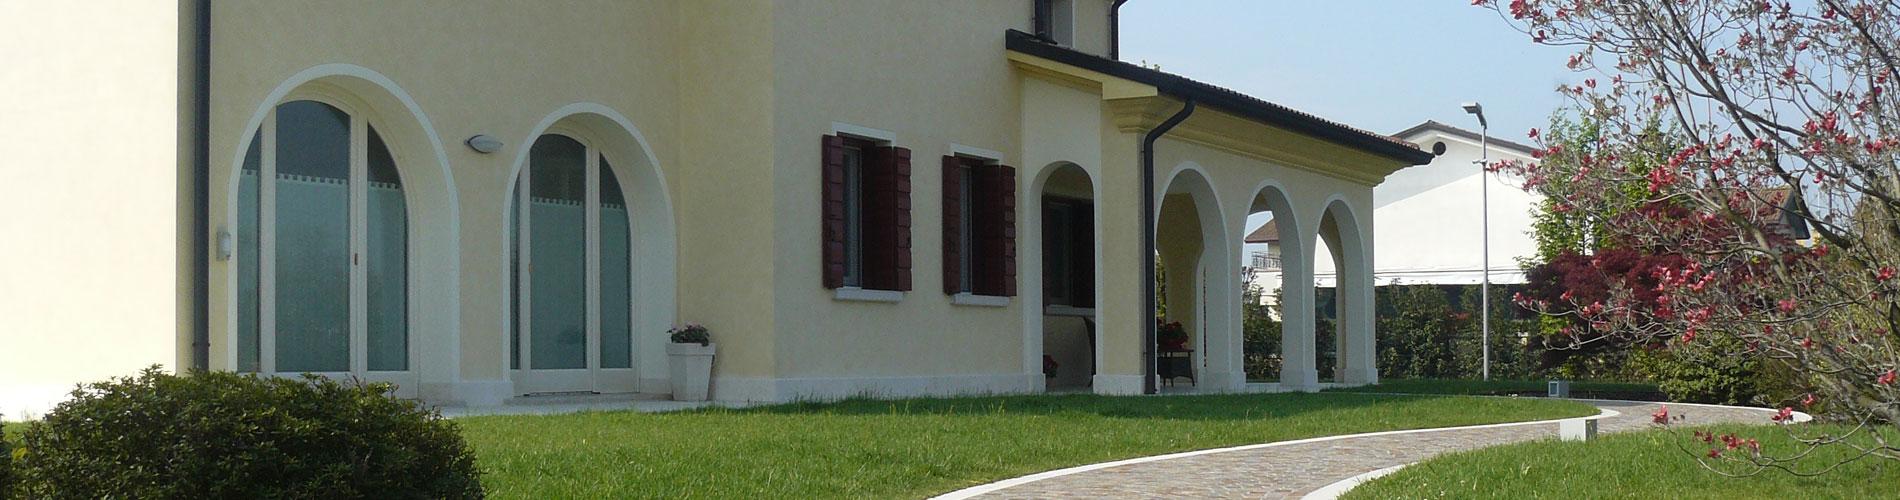 nuova-costruzione-deon-group-impresa-edile-istrana-provincia-di-treviso